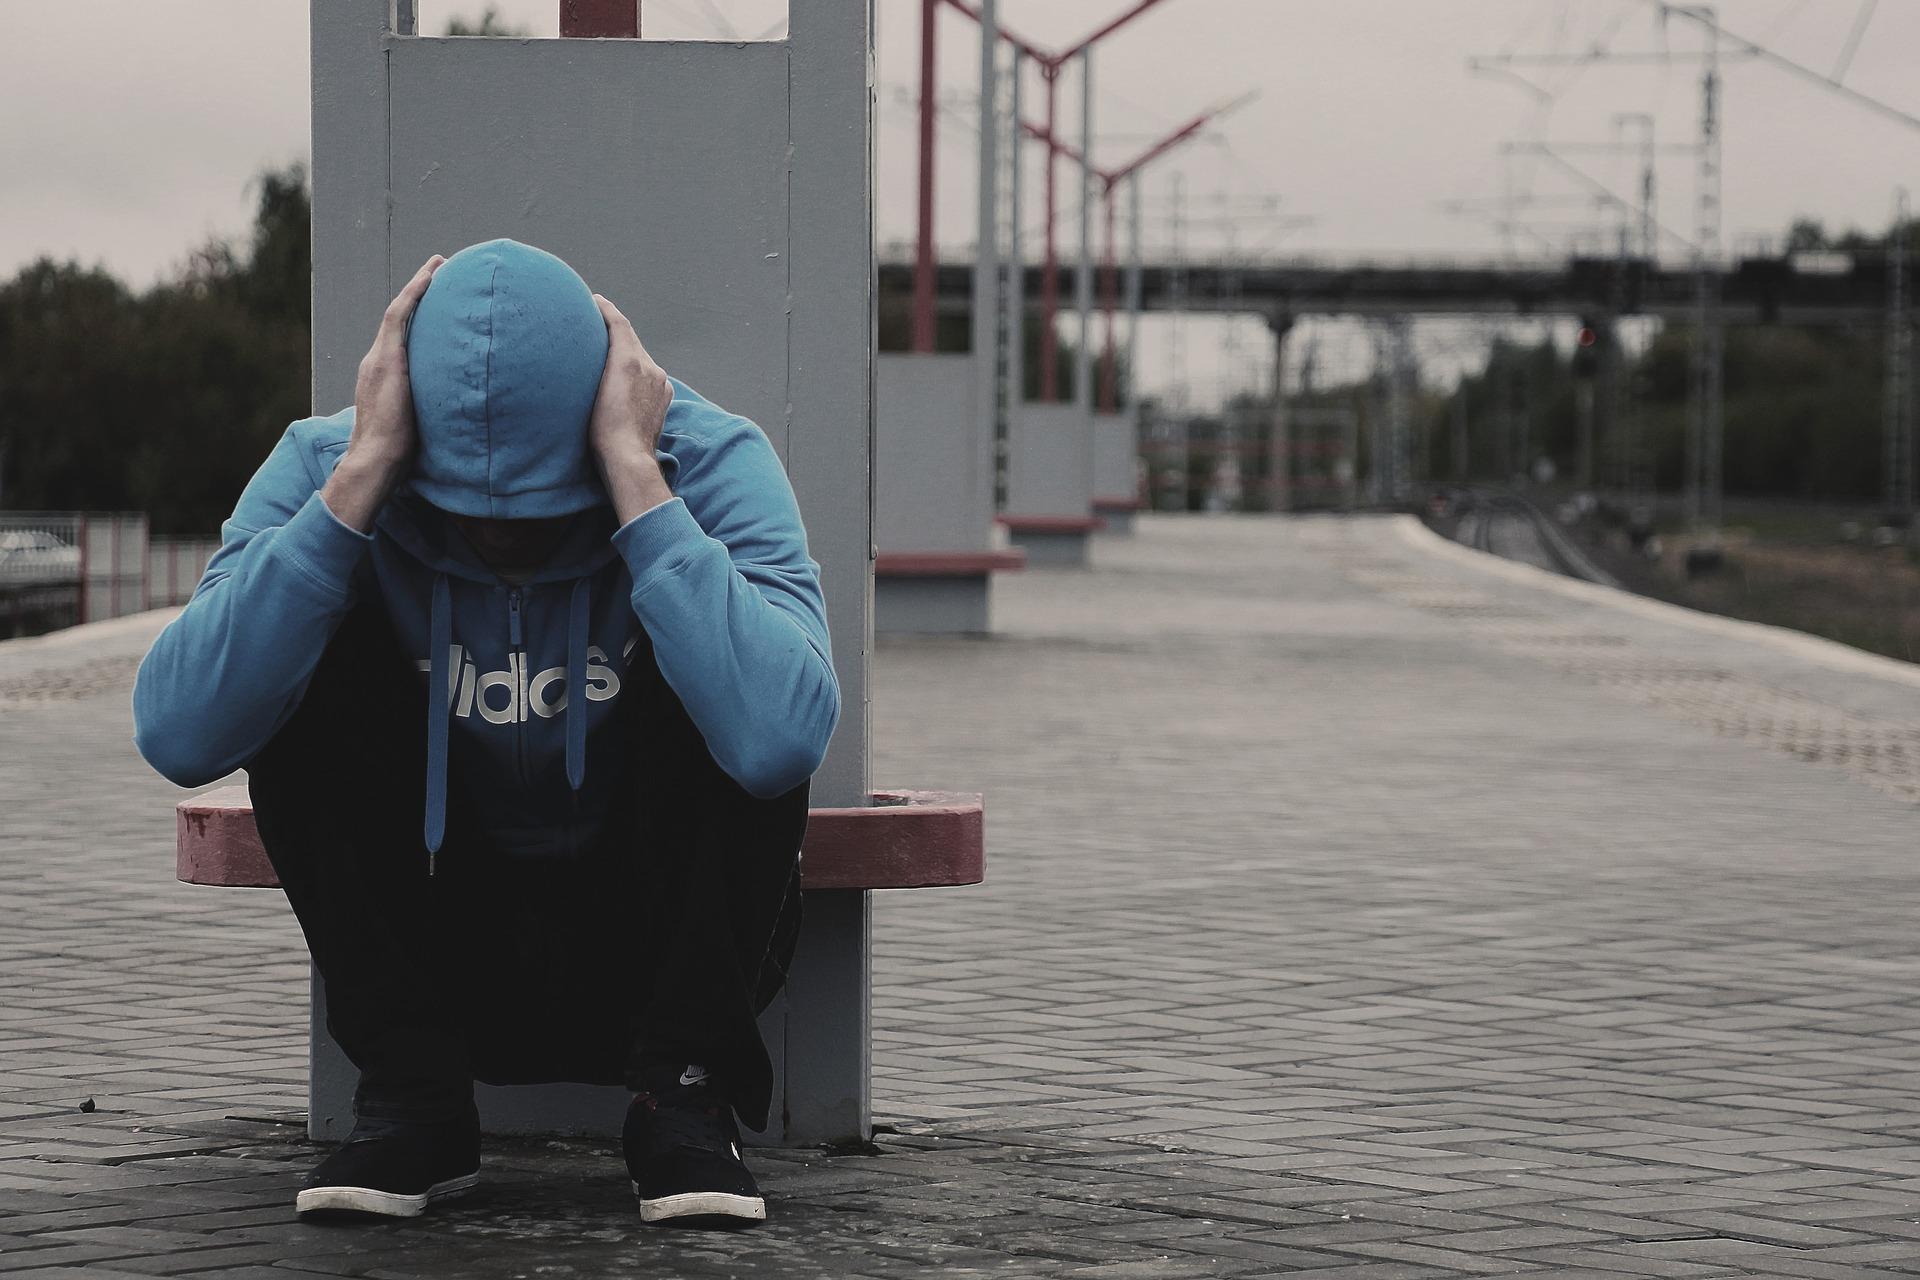 consecuencias de la adicción a la heroína